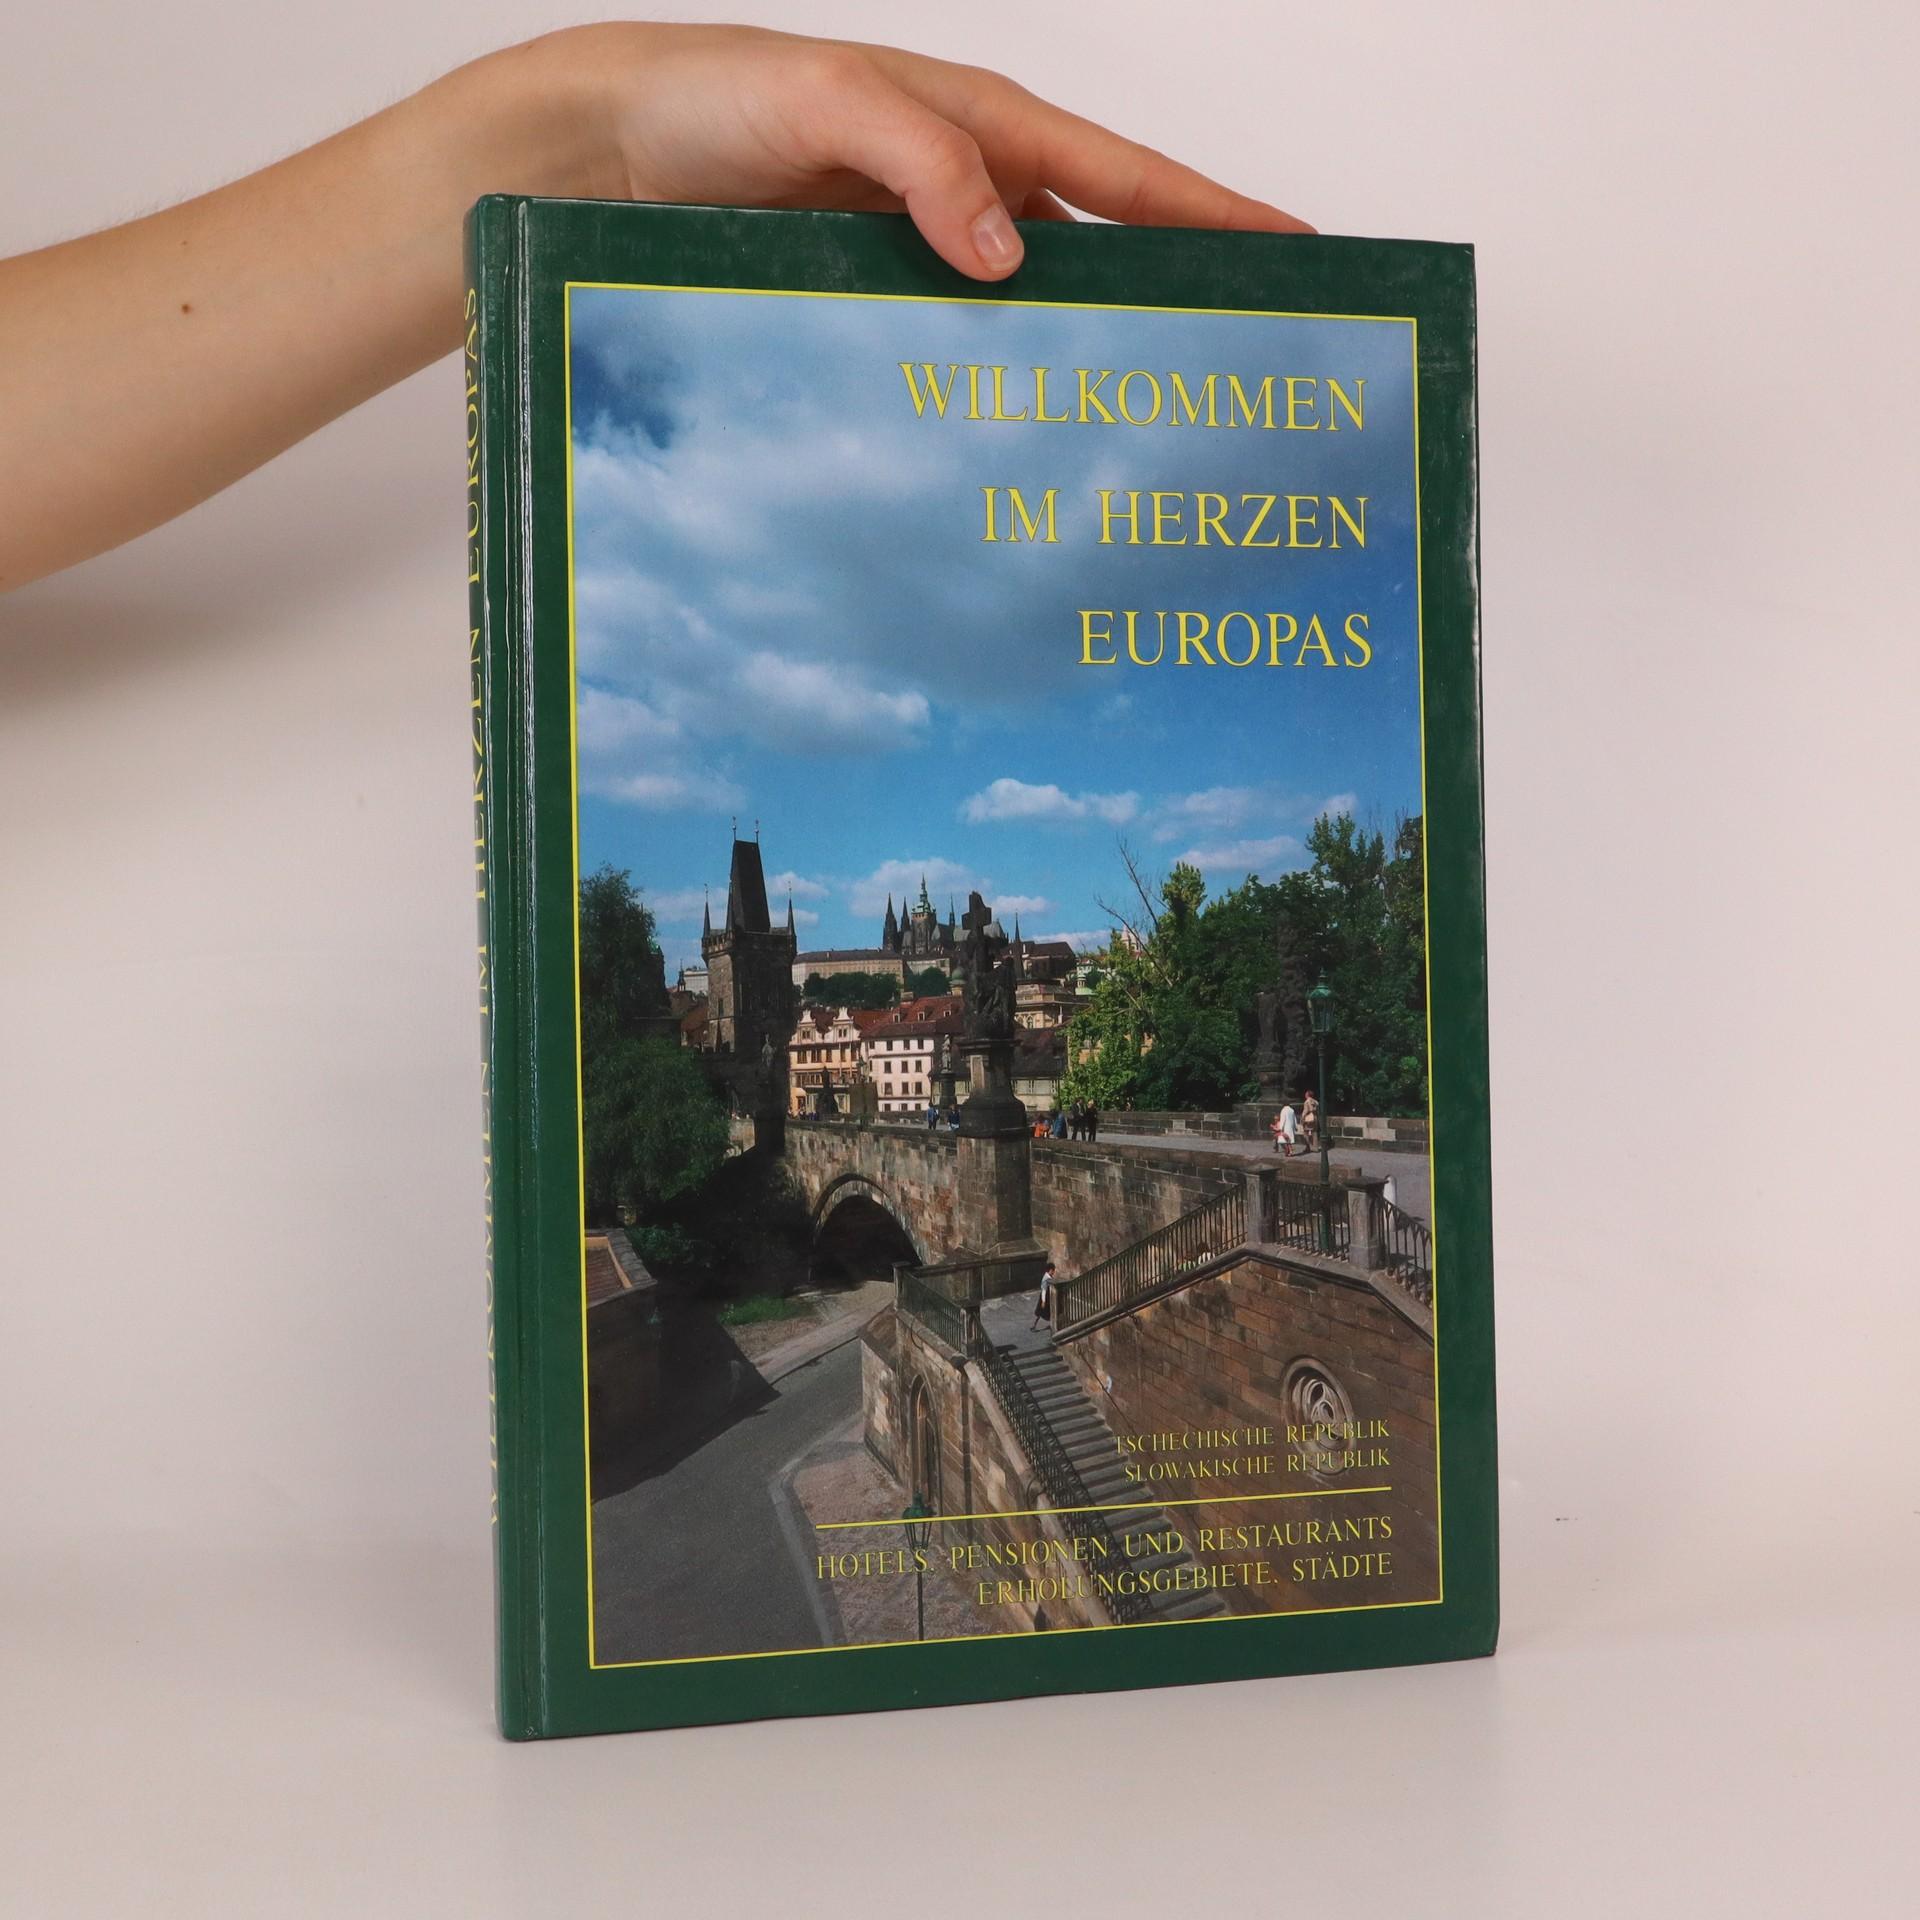 antikvární kniha Willkommen im Herzen Europas, neuveden